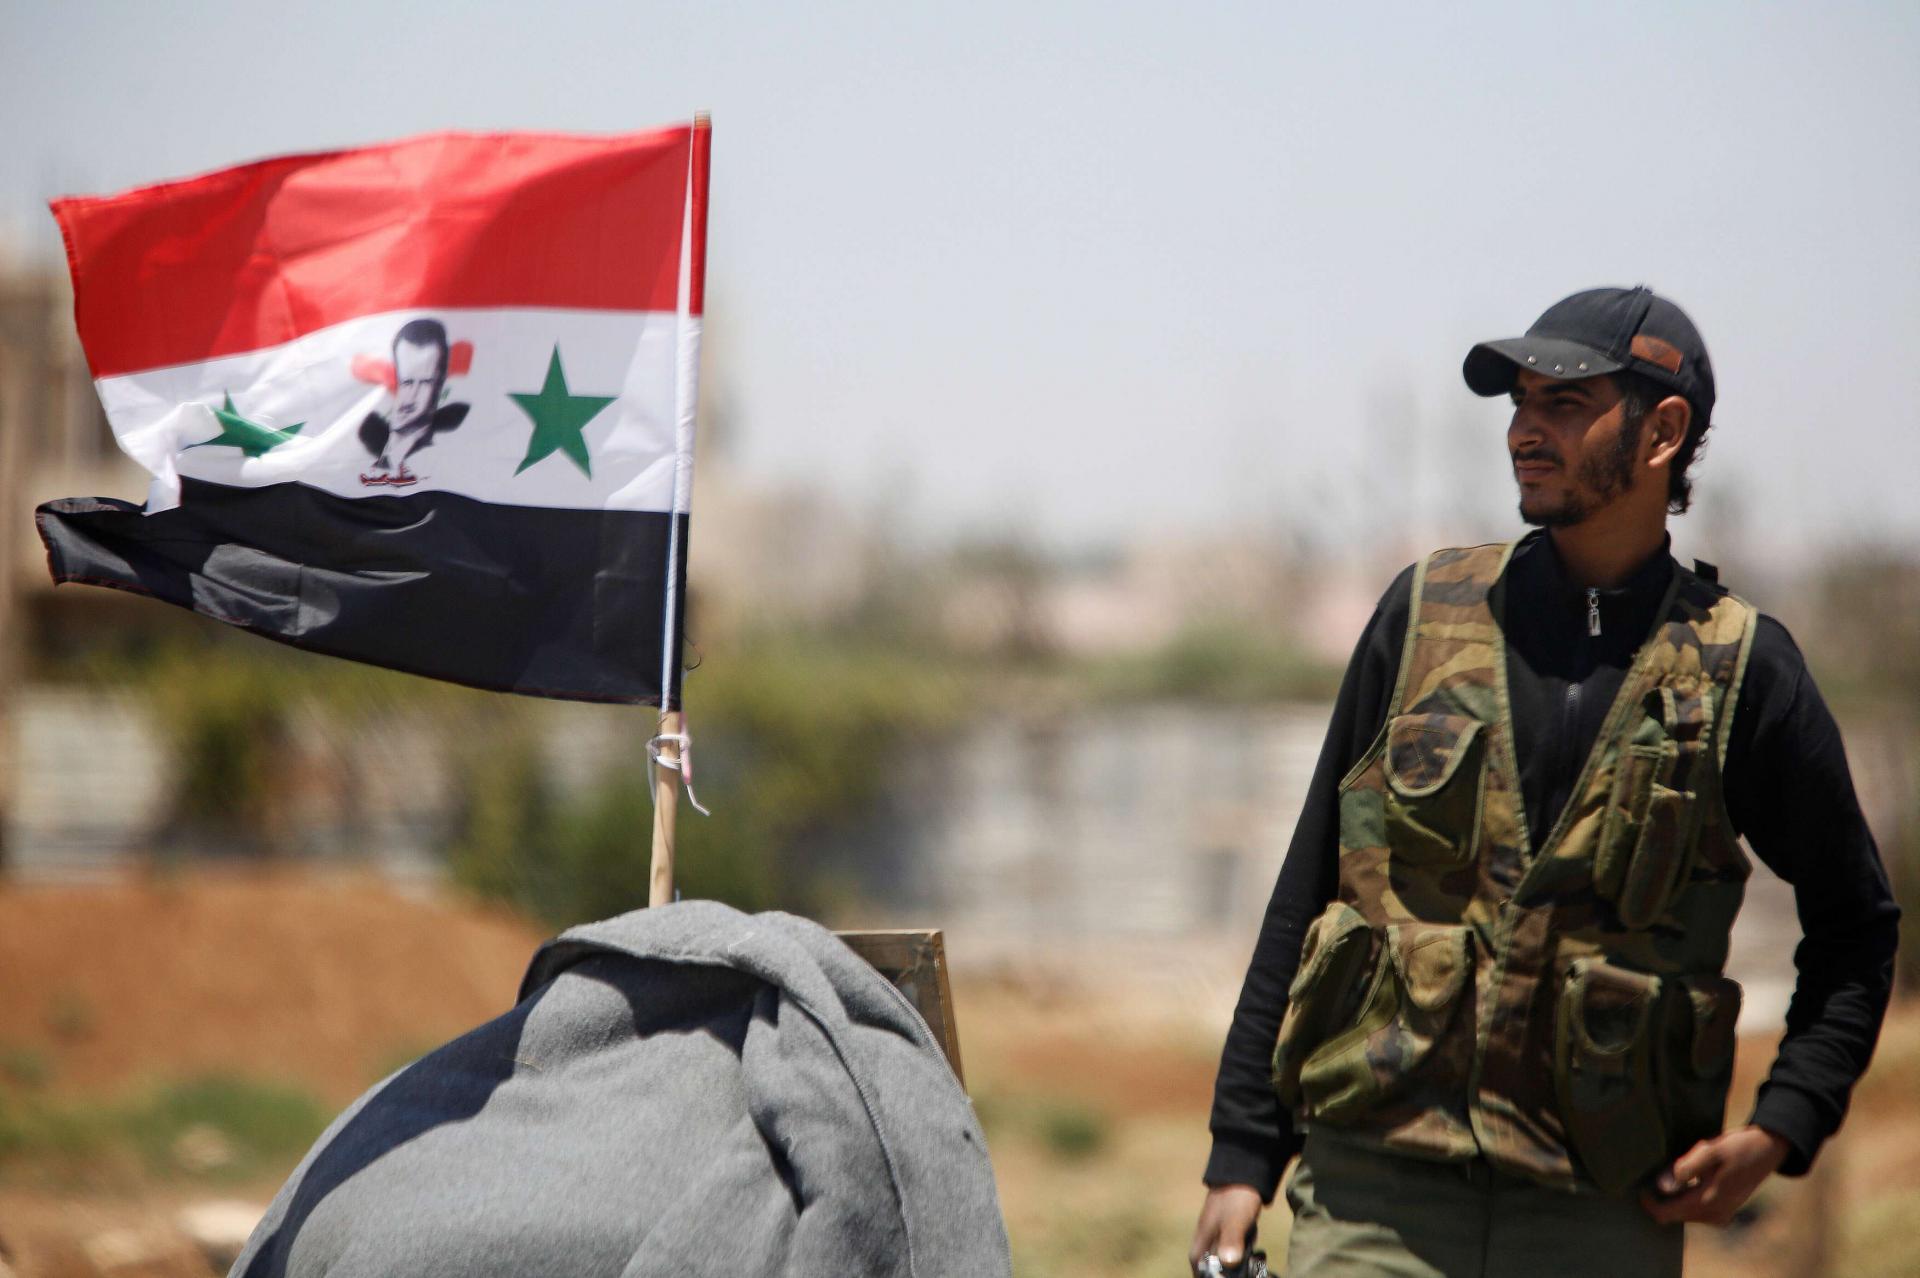 """حقيقة إلغاء """"نظام الأسد"""" دعوات الاحتياط لـ800 ألف مطلوب بشكل مؤقت"""